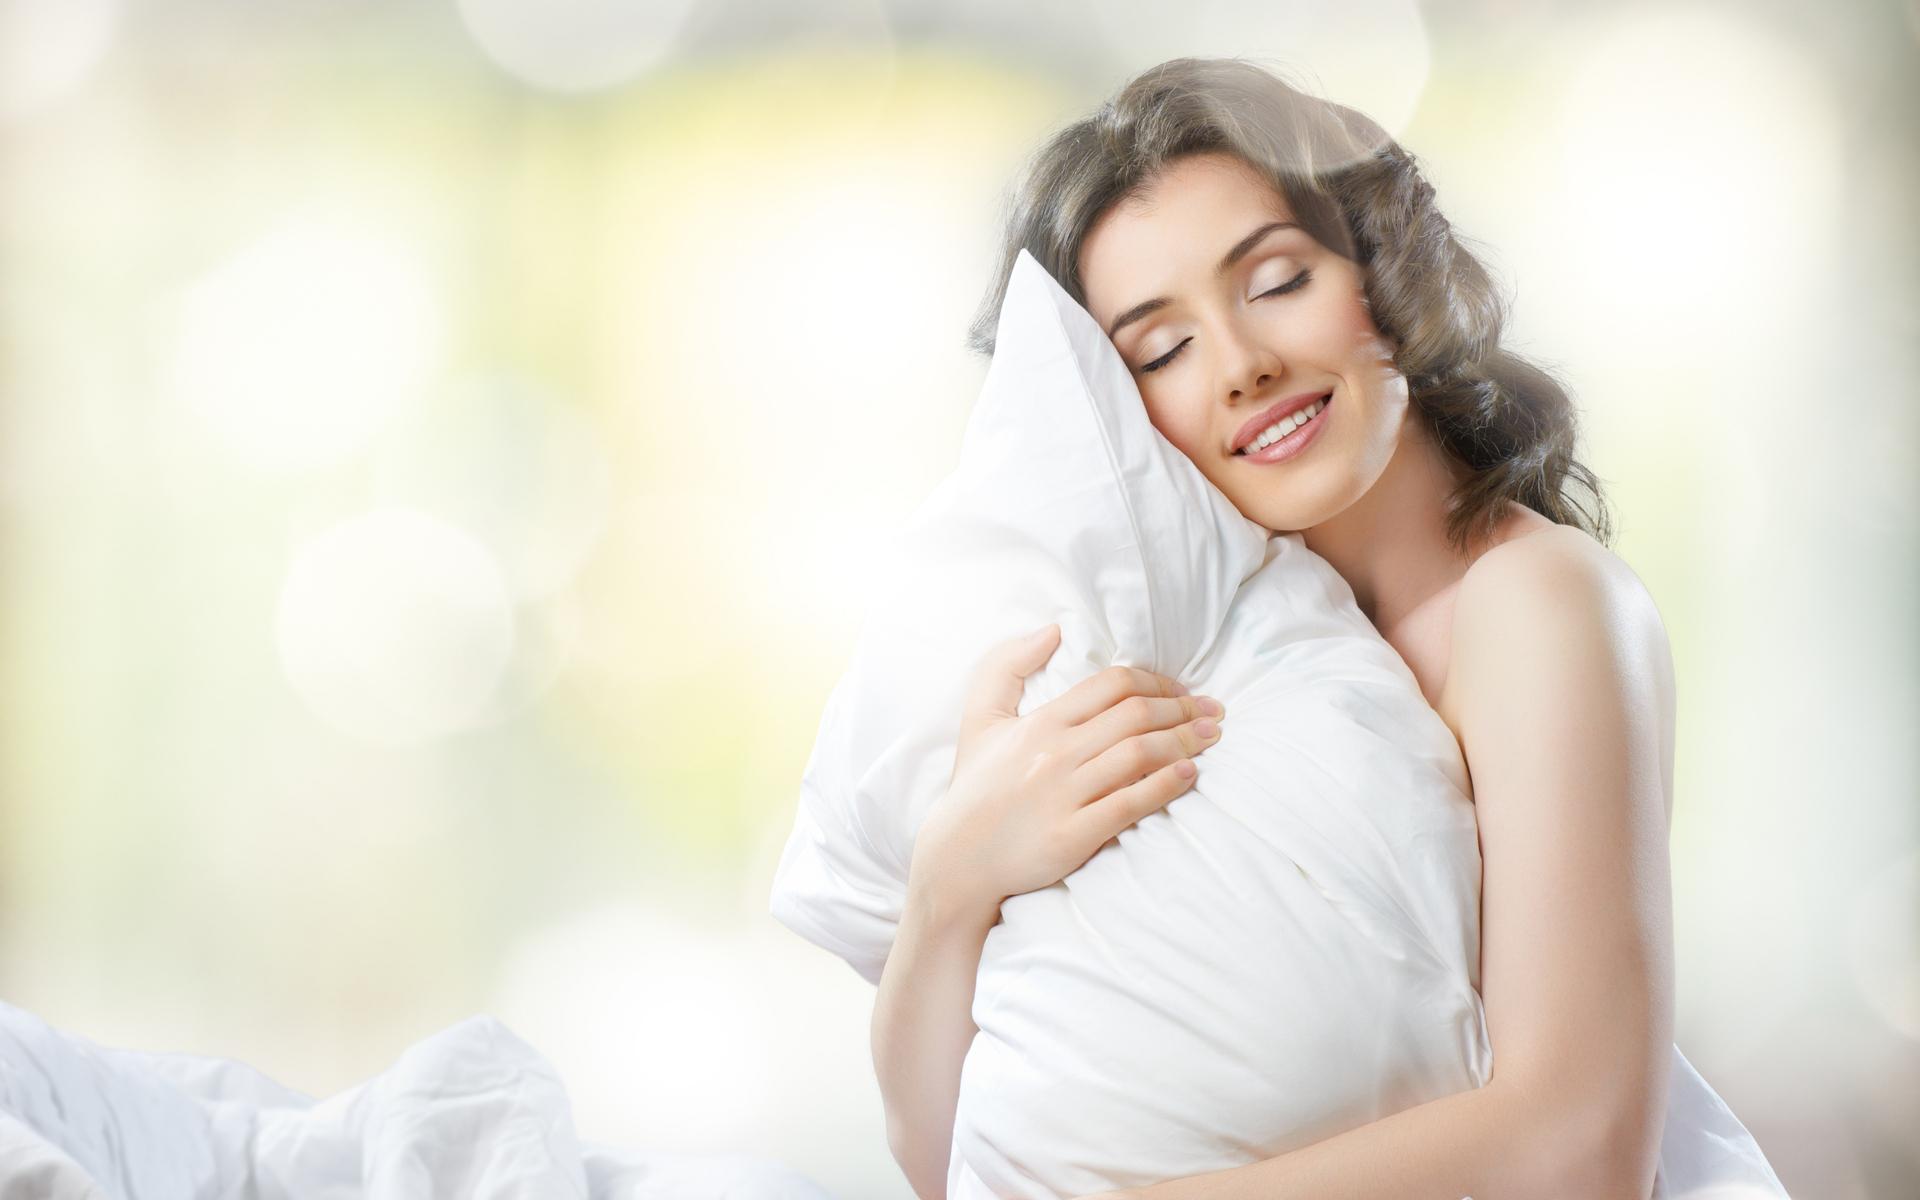 счастливый сон картинка это помогает найти